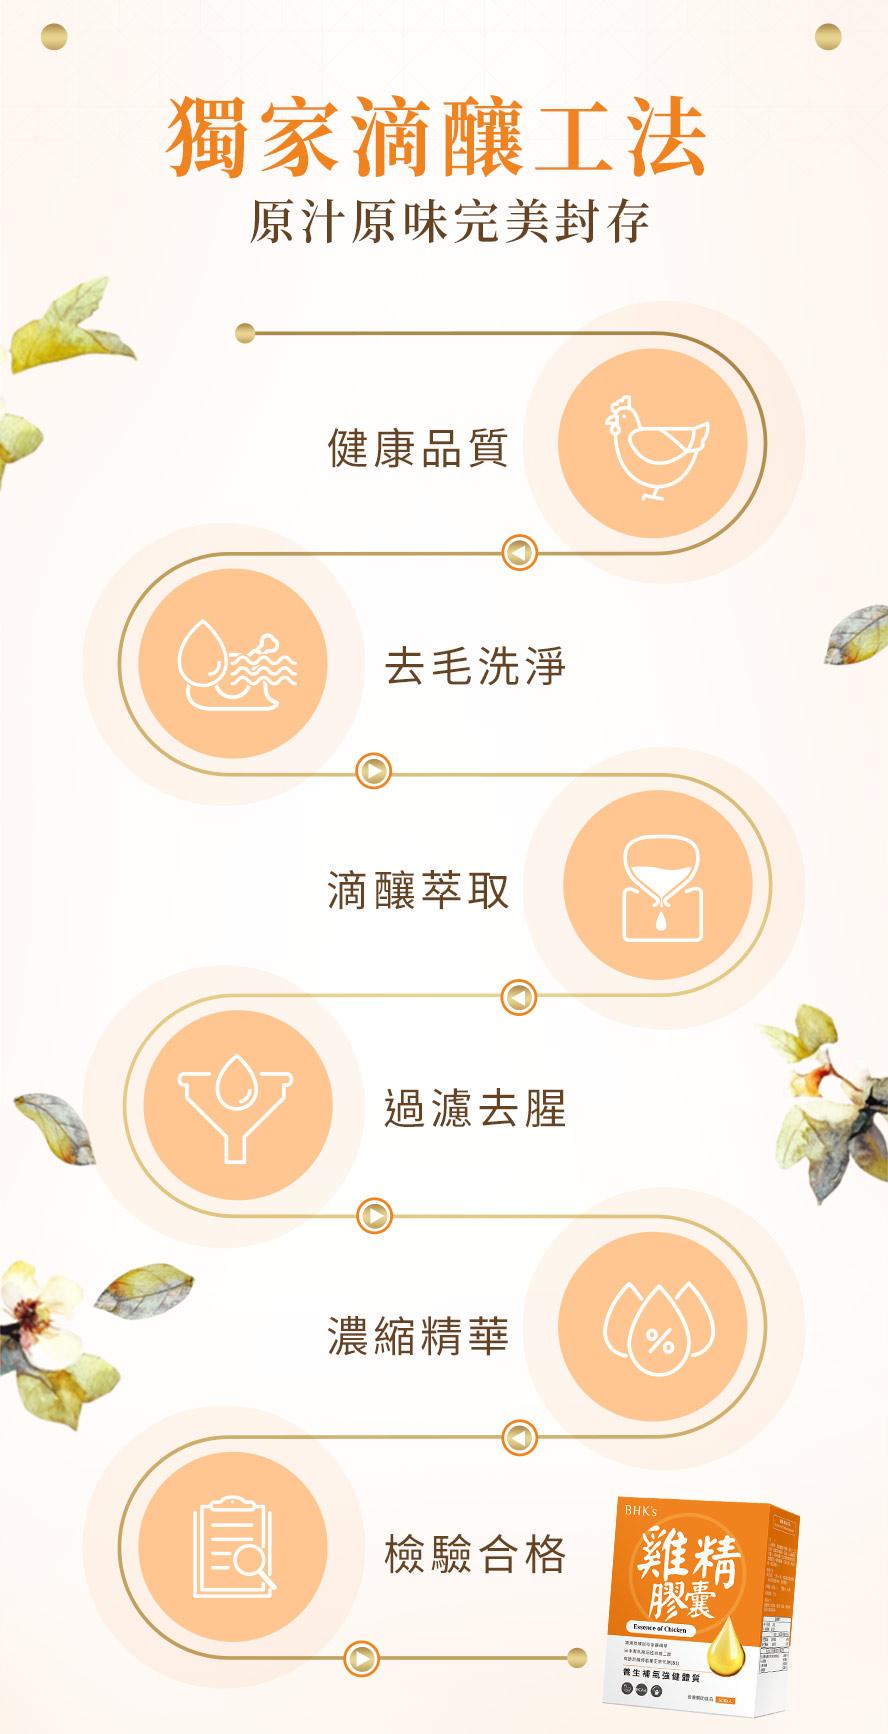 雞精膠囊獨家萃取技術,保留住雞精中最珍貴的活性成分,濃縮精華不流失,營養價值更勝滴雞精,檢驗合格請安心食用。